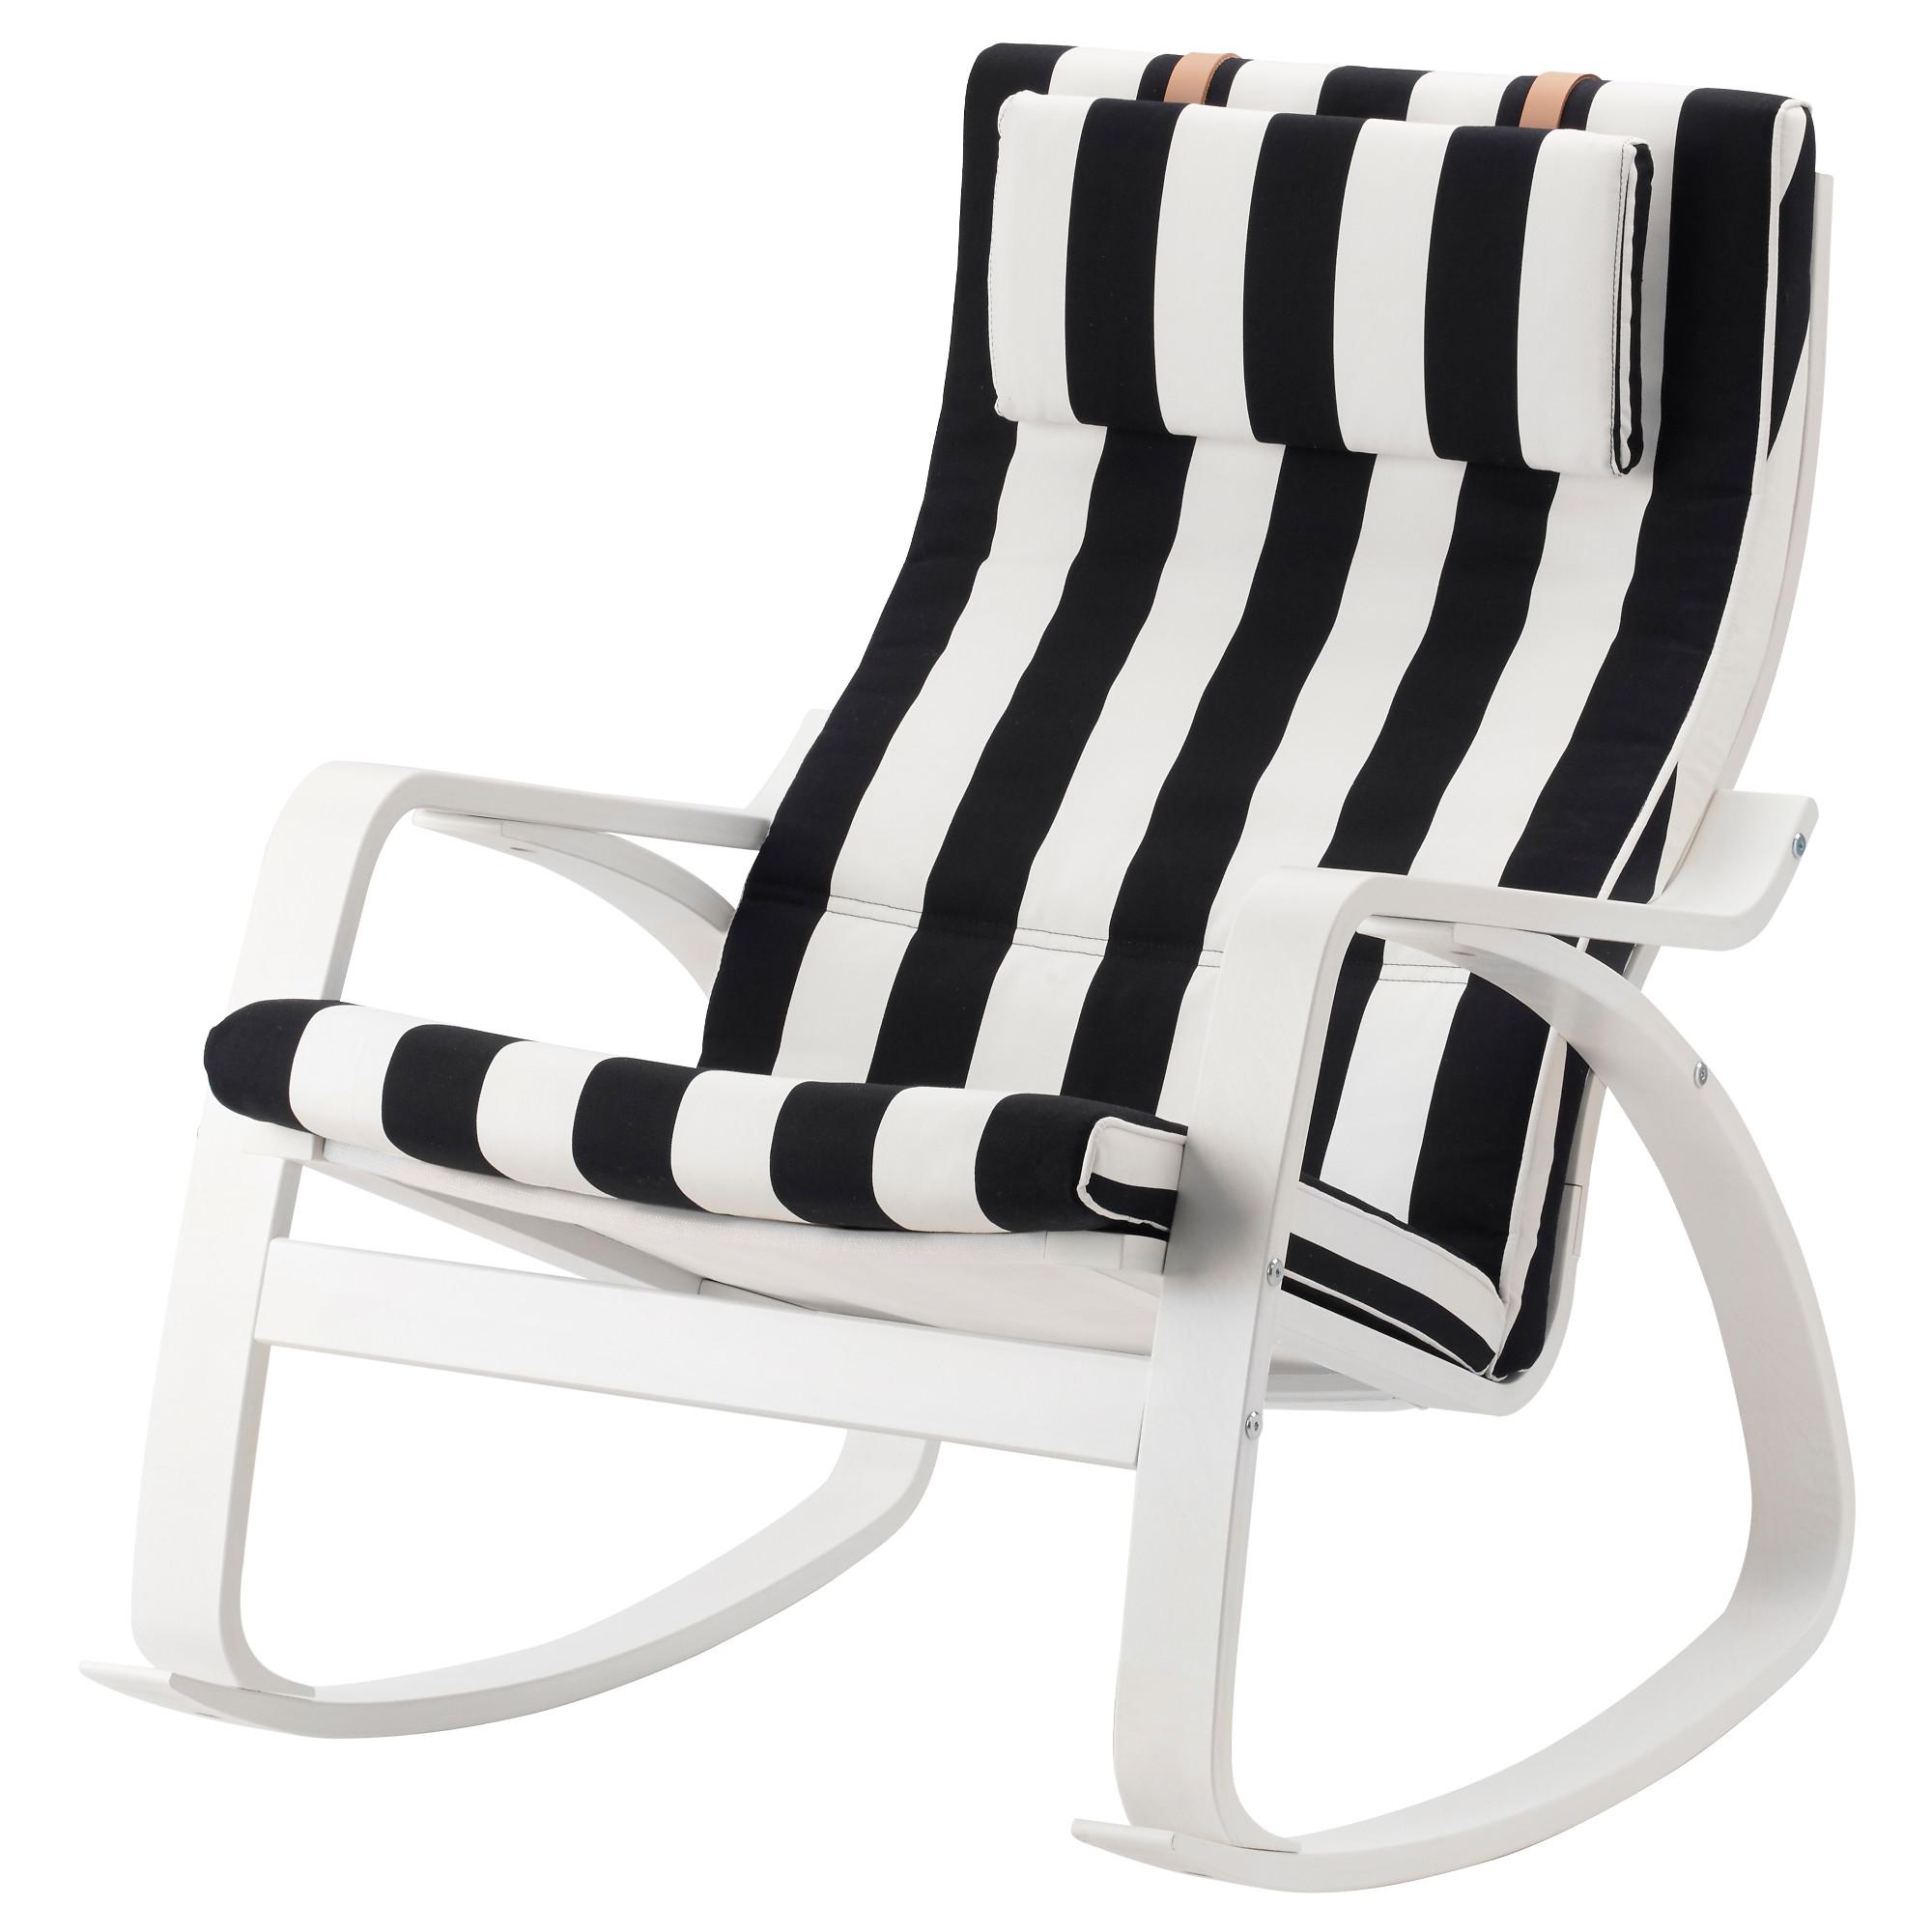 Кресло-качалка ПОЭНГ черный/белый артикуль № 592.515.67 в наличии. Онлайн каталог IKEA Беларусь. Быстрая доставка и монтаж.